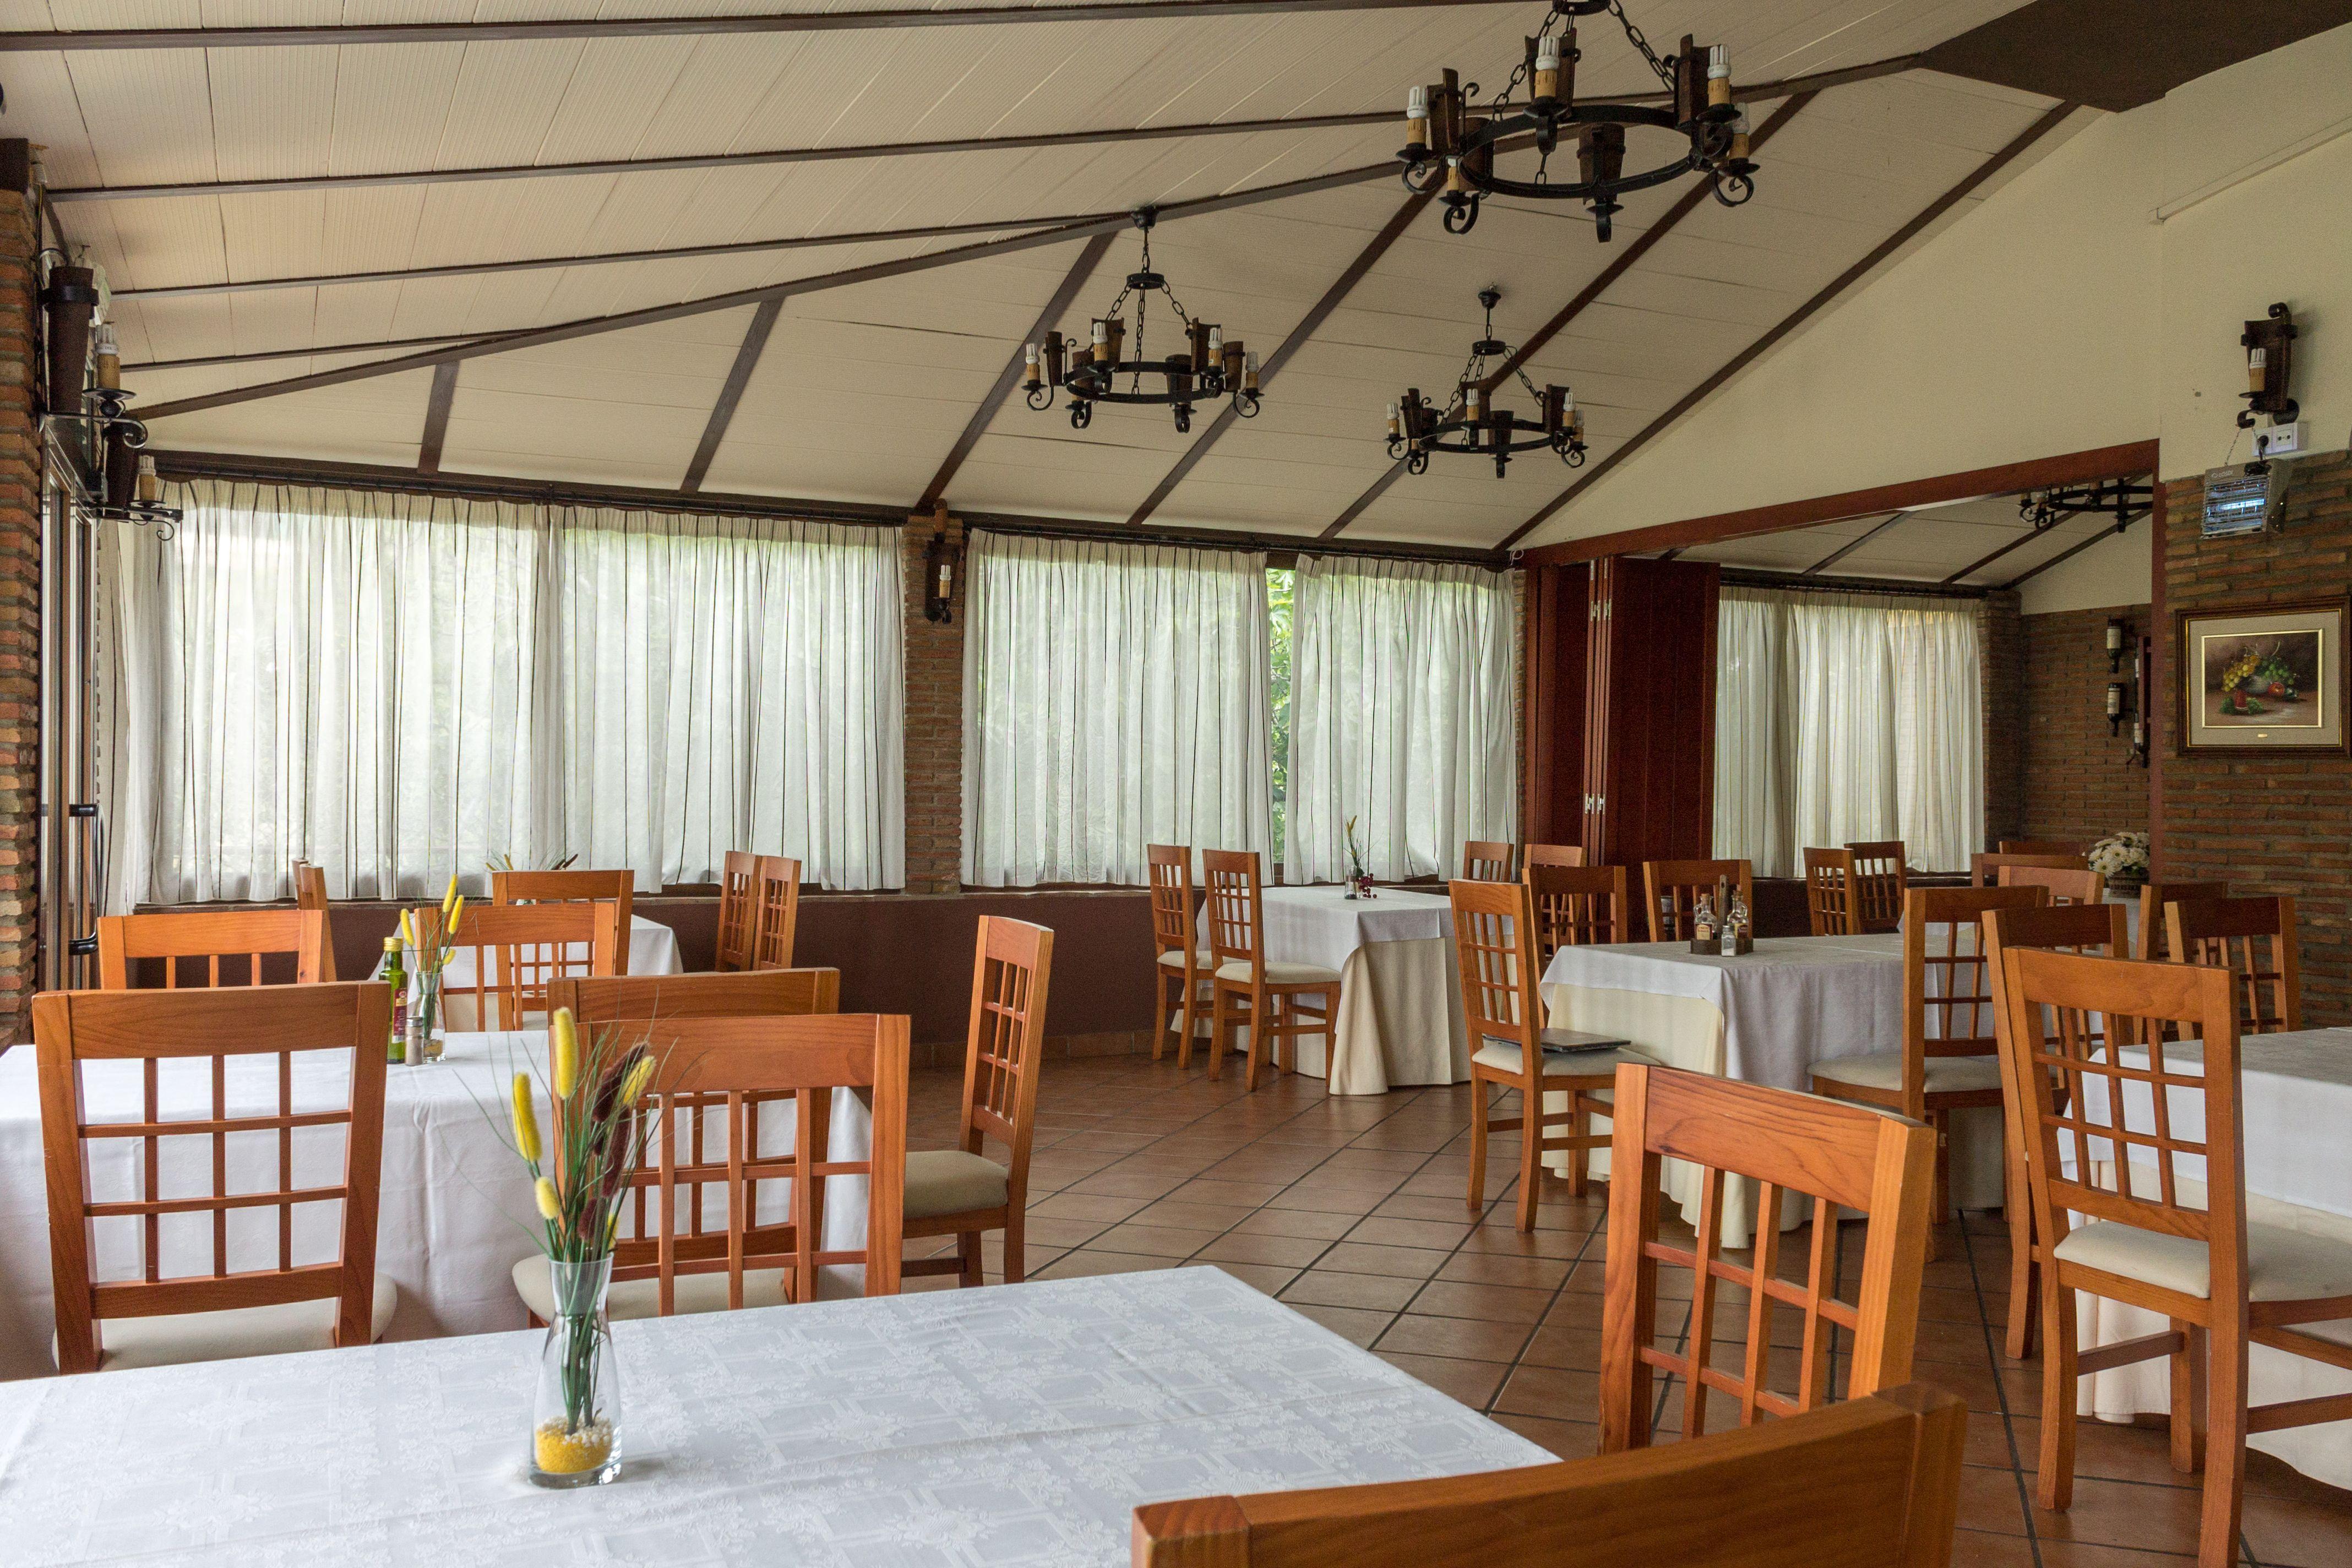 Restaurante con amplio salón para celebrar cualquier evento